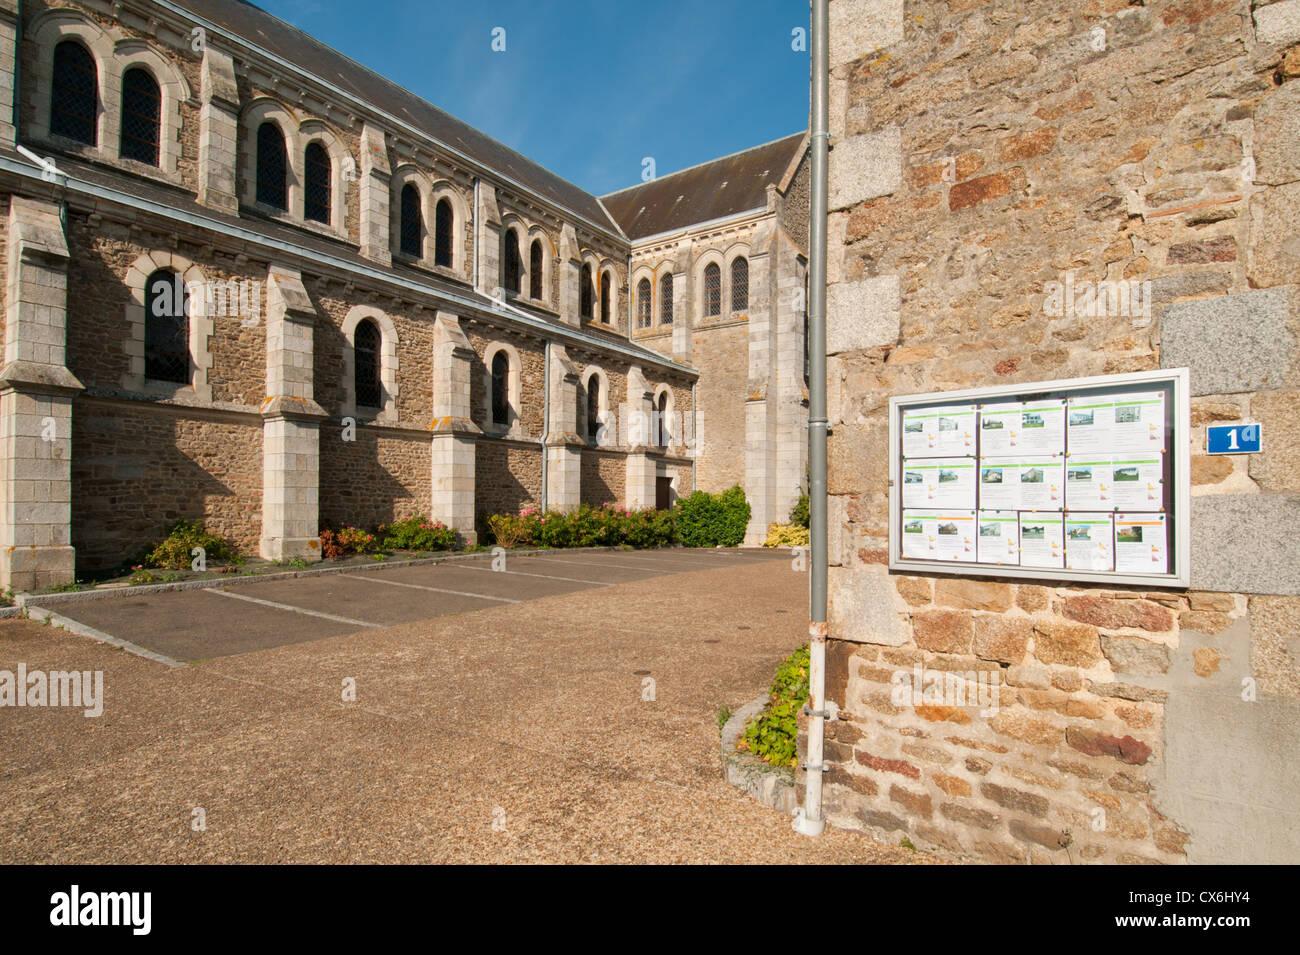 Saint-Pierre-des-Nids, Mayene, Pays de la Loire, France. - Stock Image